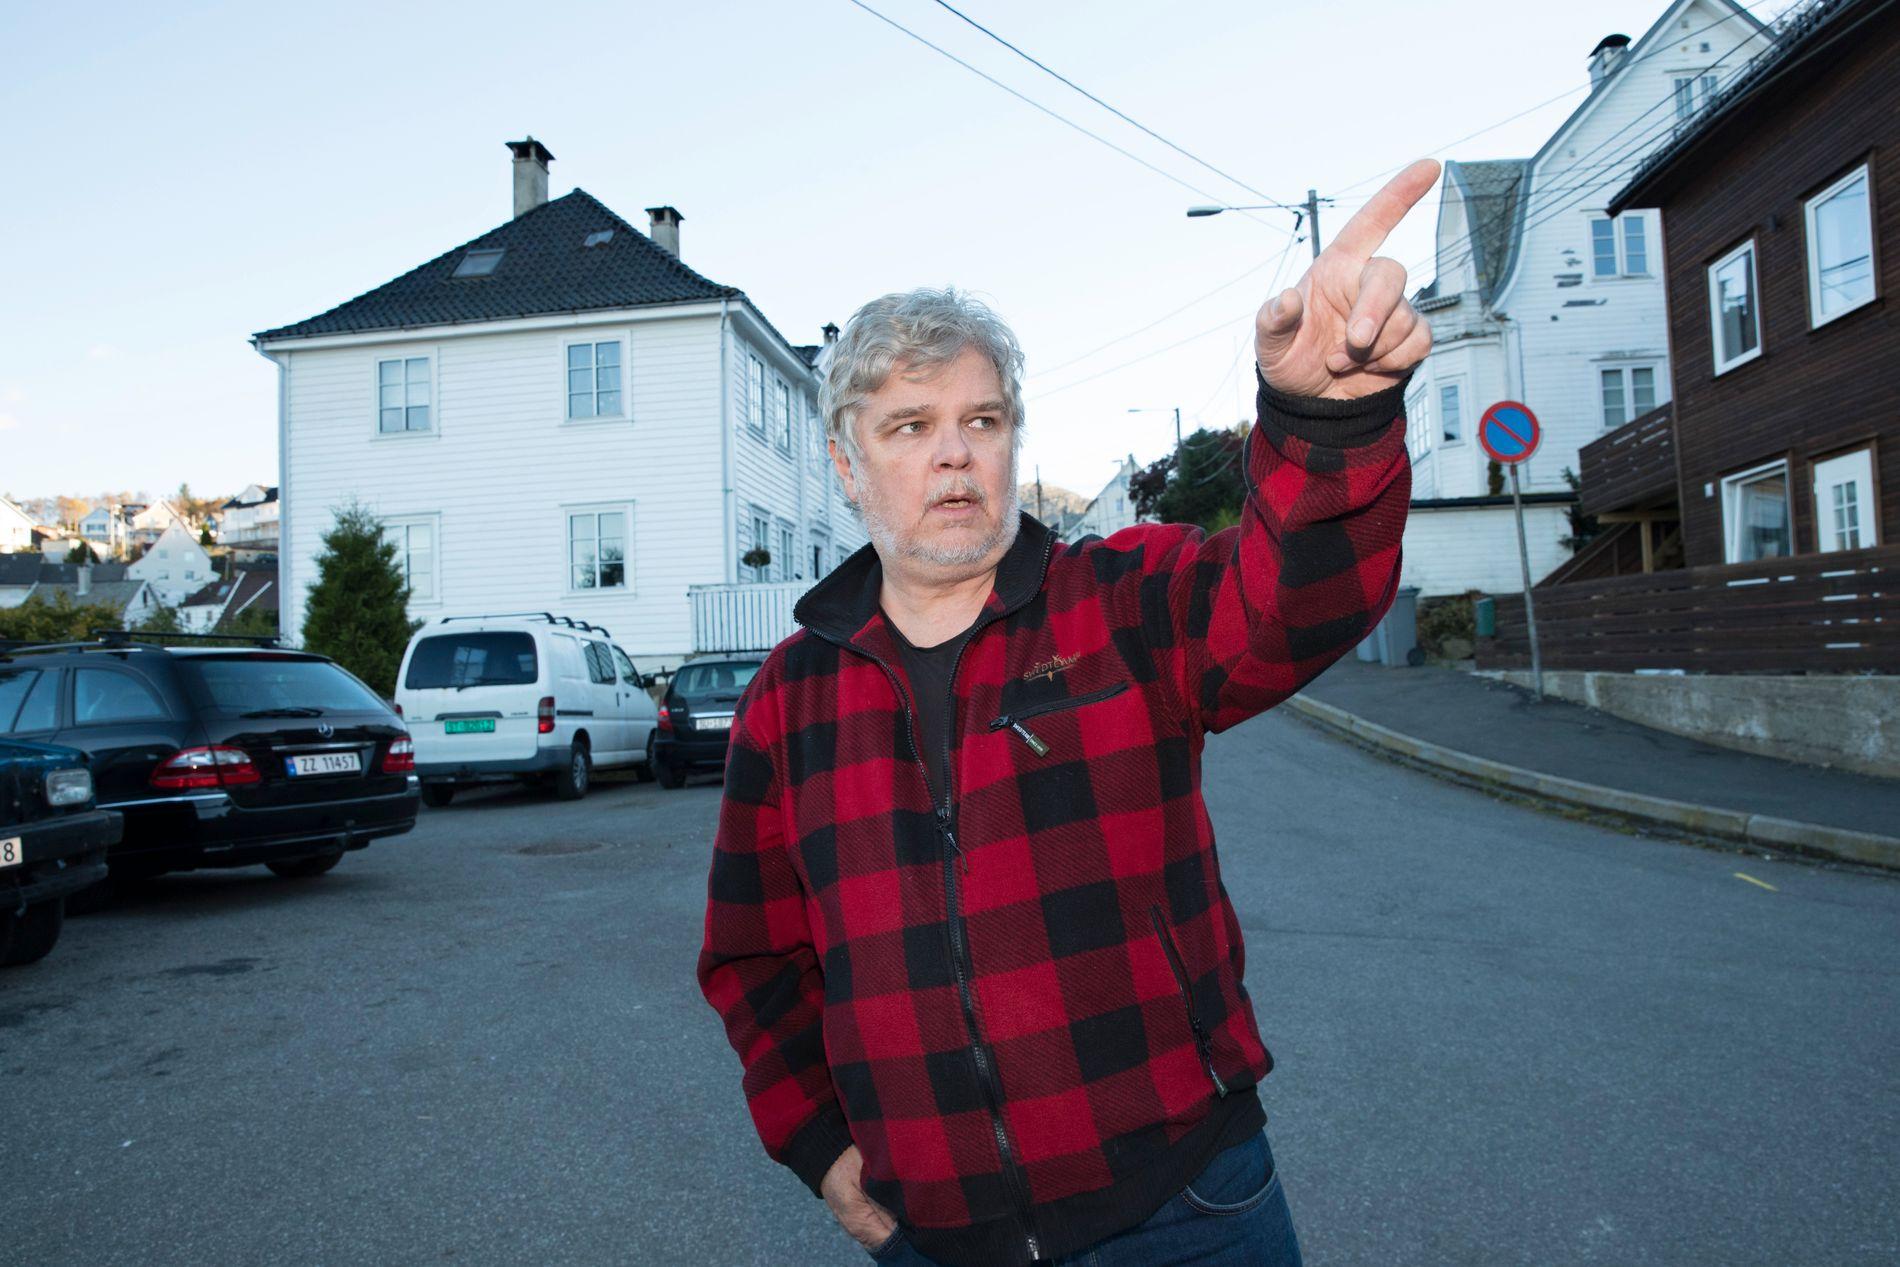 BOR I OMRÅDET: Her foregikk narkohandelen helt åpenlyst, forteller nestleder Jan Henrik Haugøen i Damsgård vel.